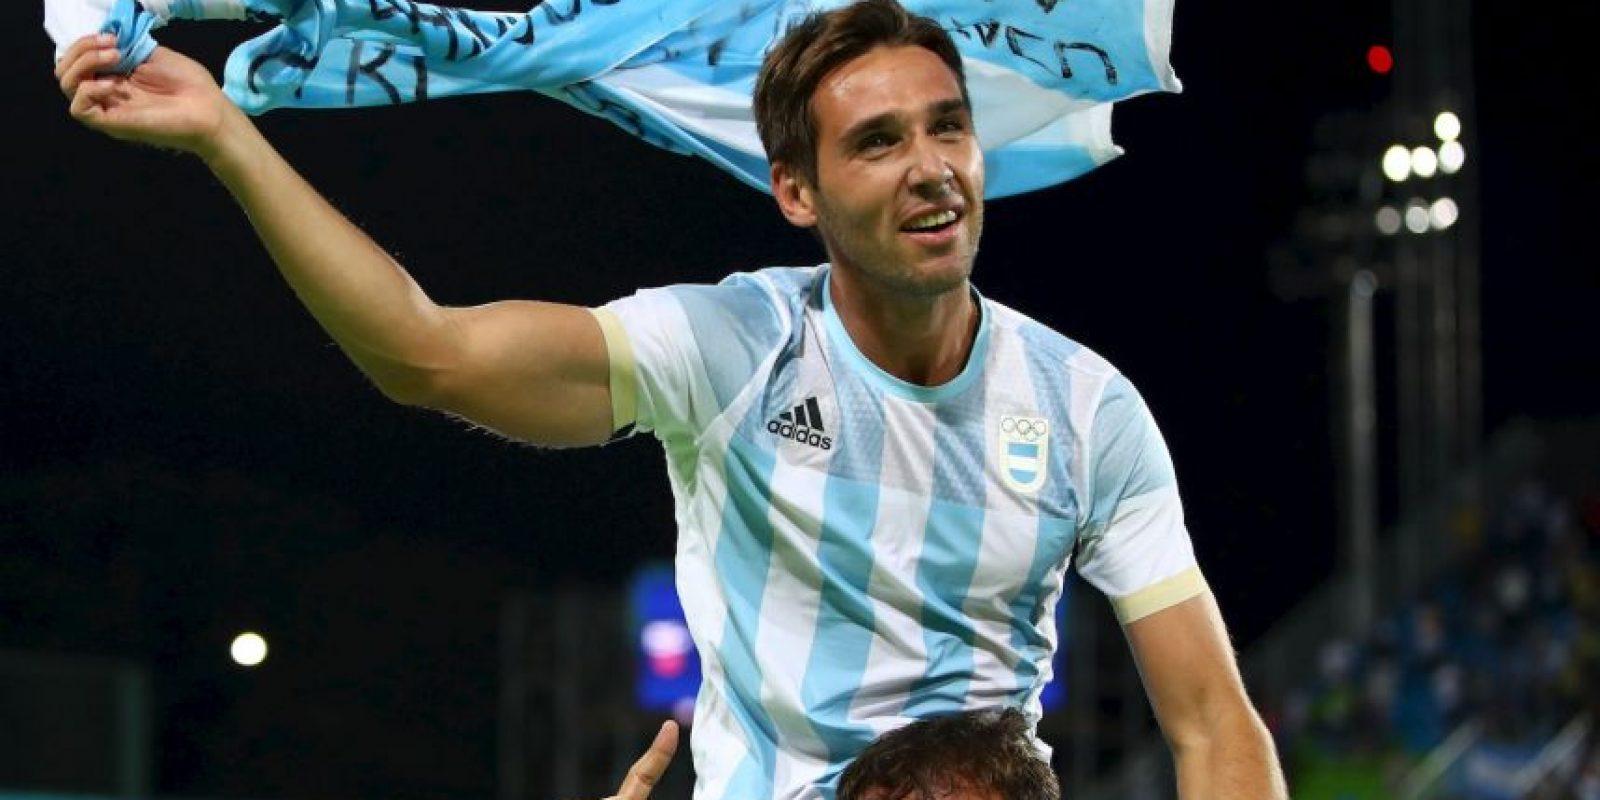 La Selección de Argentina ganó el oro en los JO de Río 2016 Foto:Getty Images